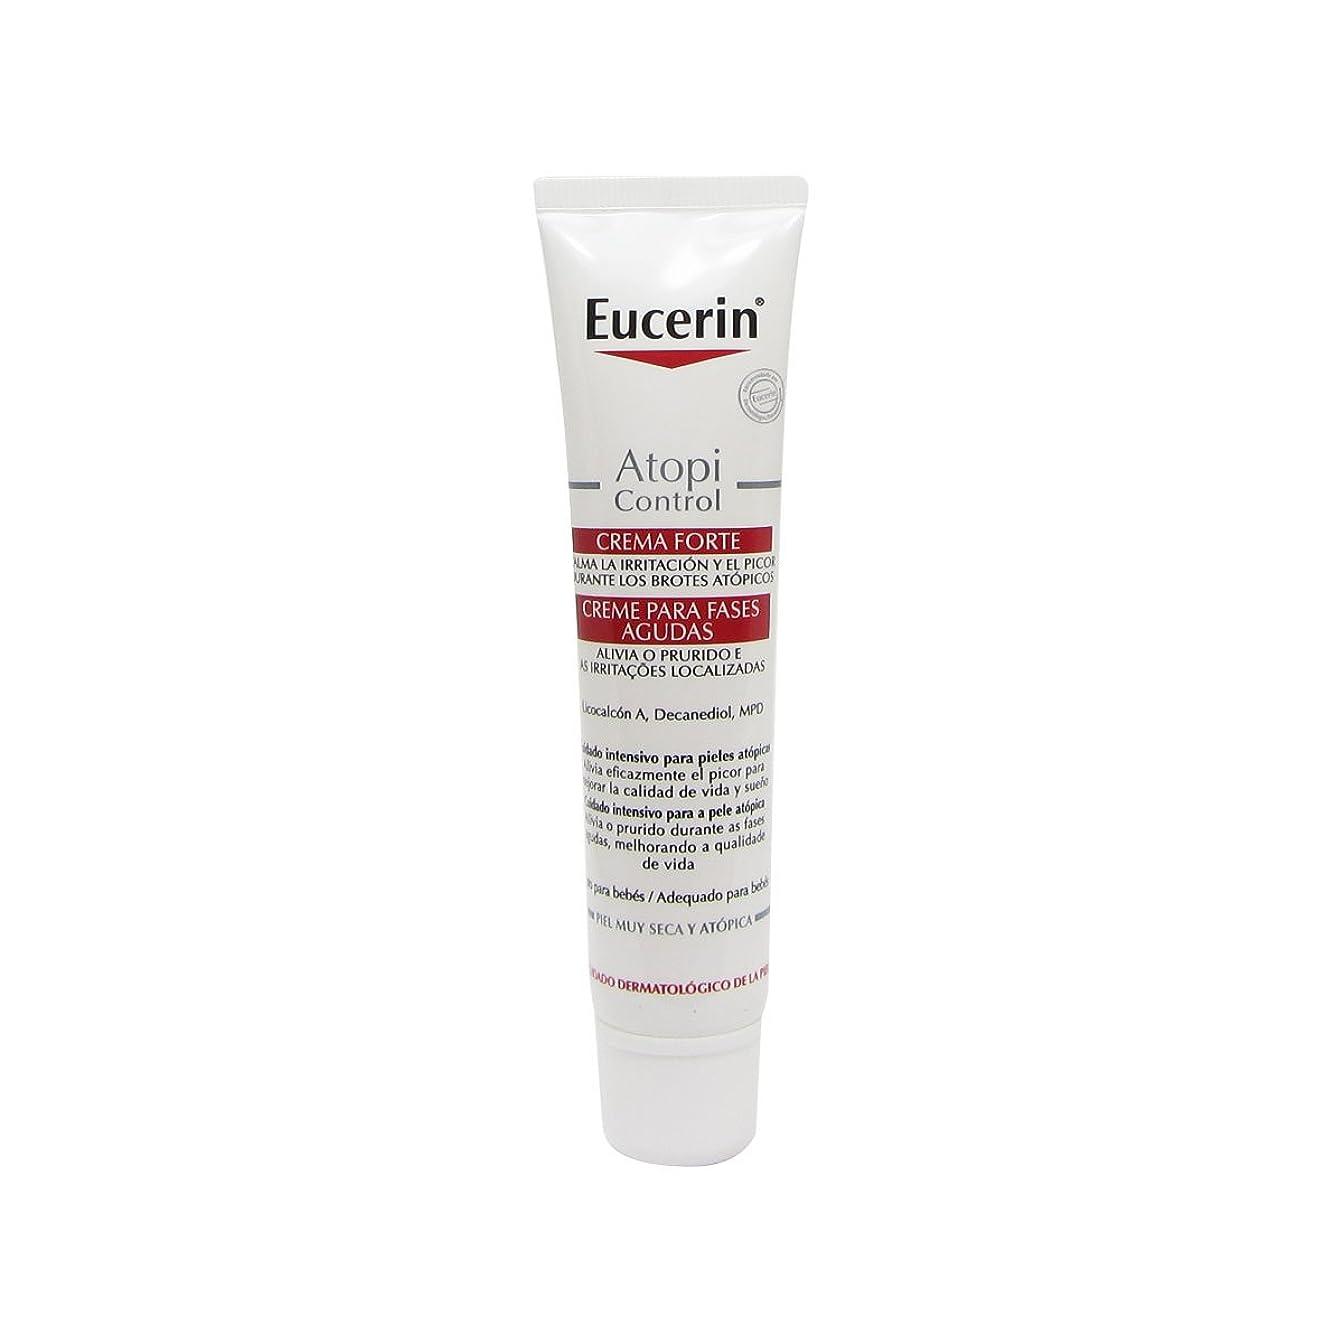 教育者考古学ジャーナリストEucerin Atopicontrol Acute Care Cream 40ml [並行輸入品]